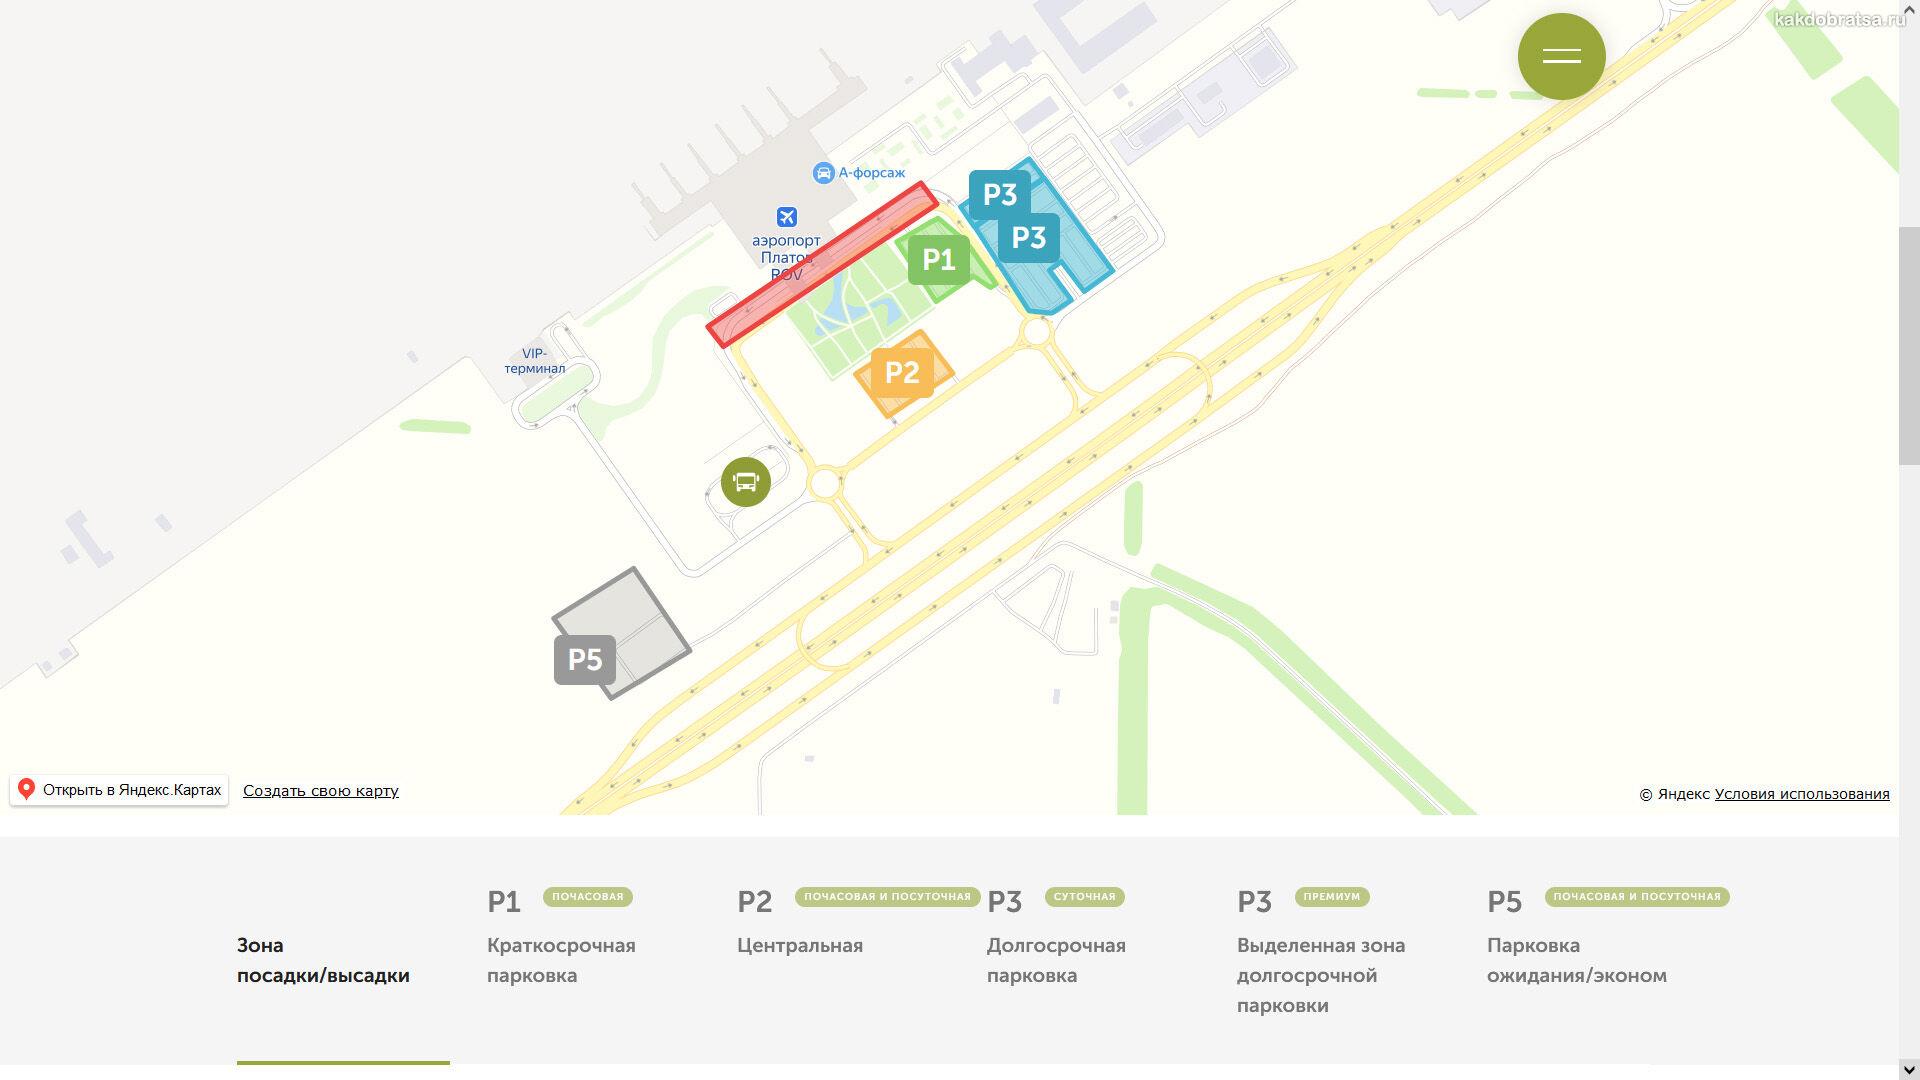 Аэропорт Ростов-на-Дону карта парковки